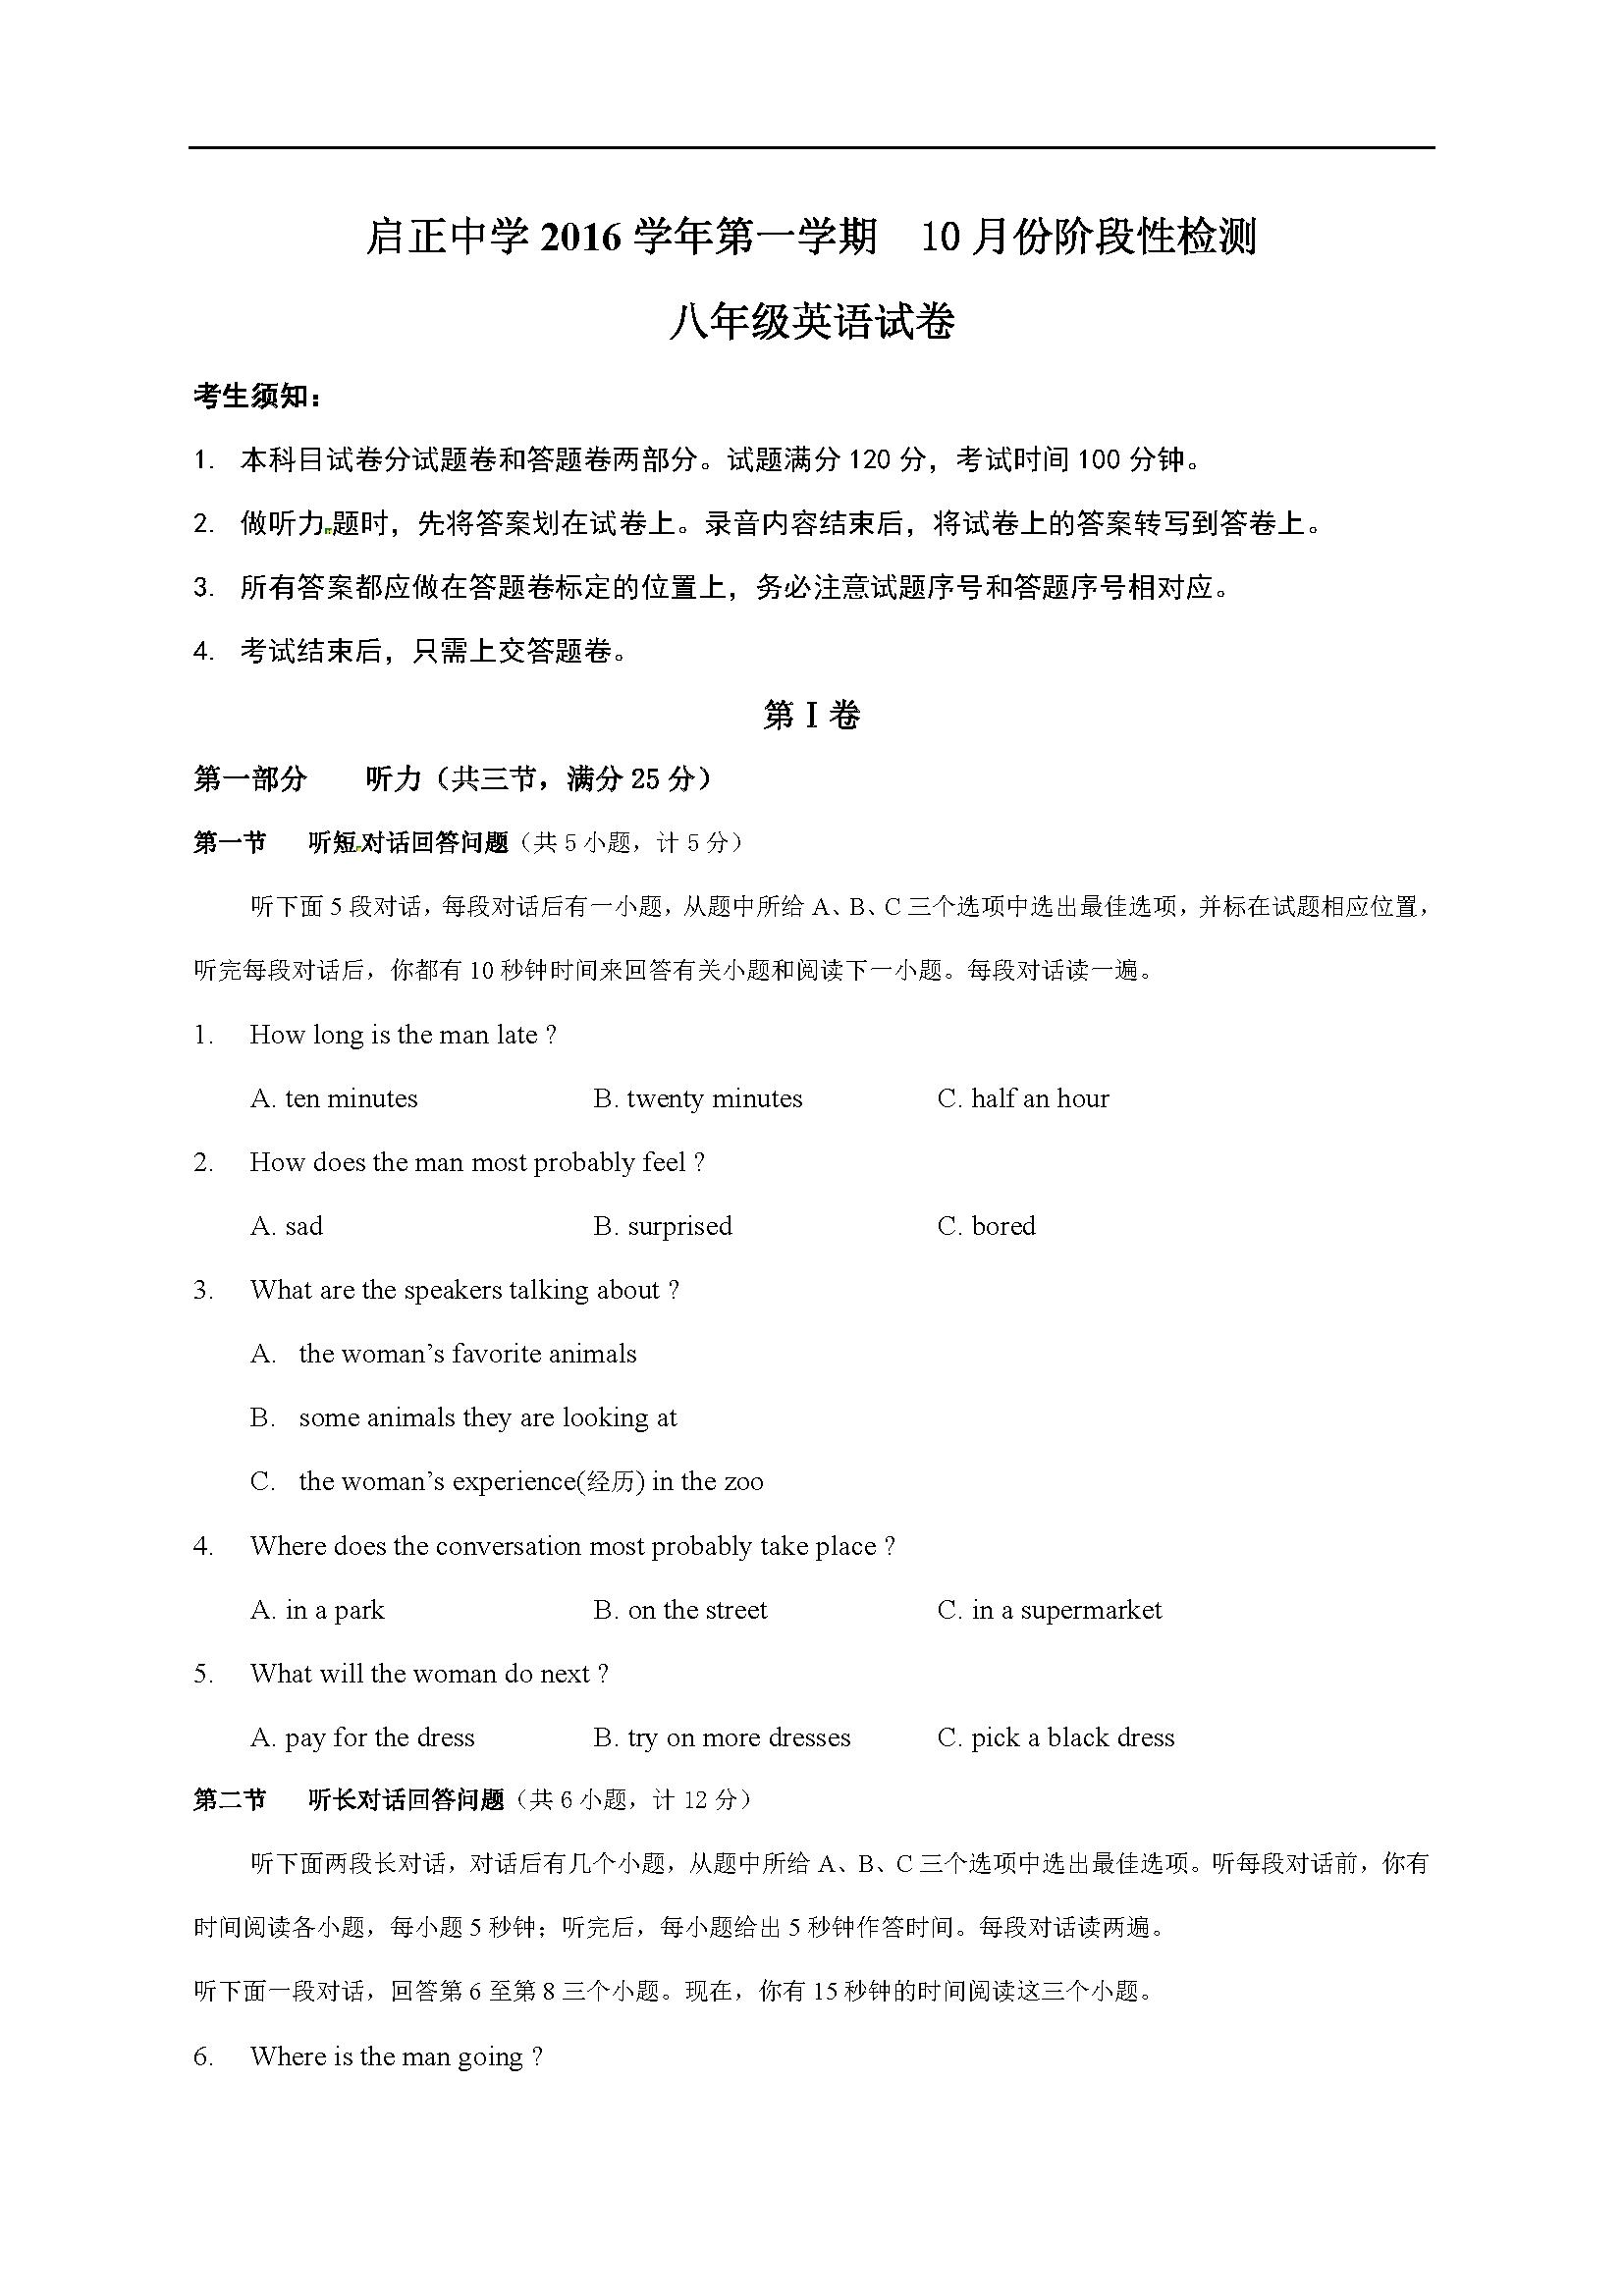 浙江杭州启正中学2016-2017八年级10月月考英语试题(图片版)